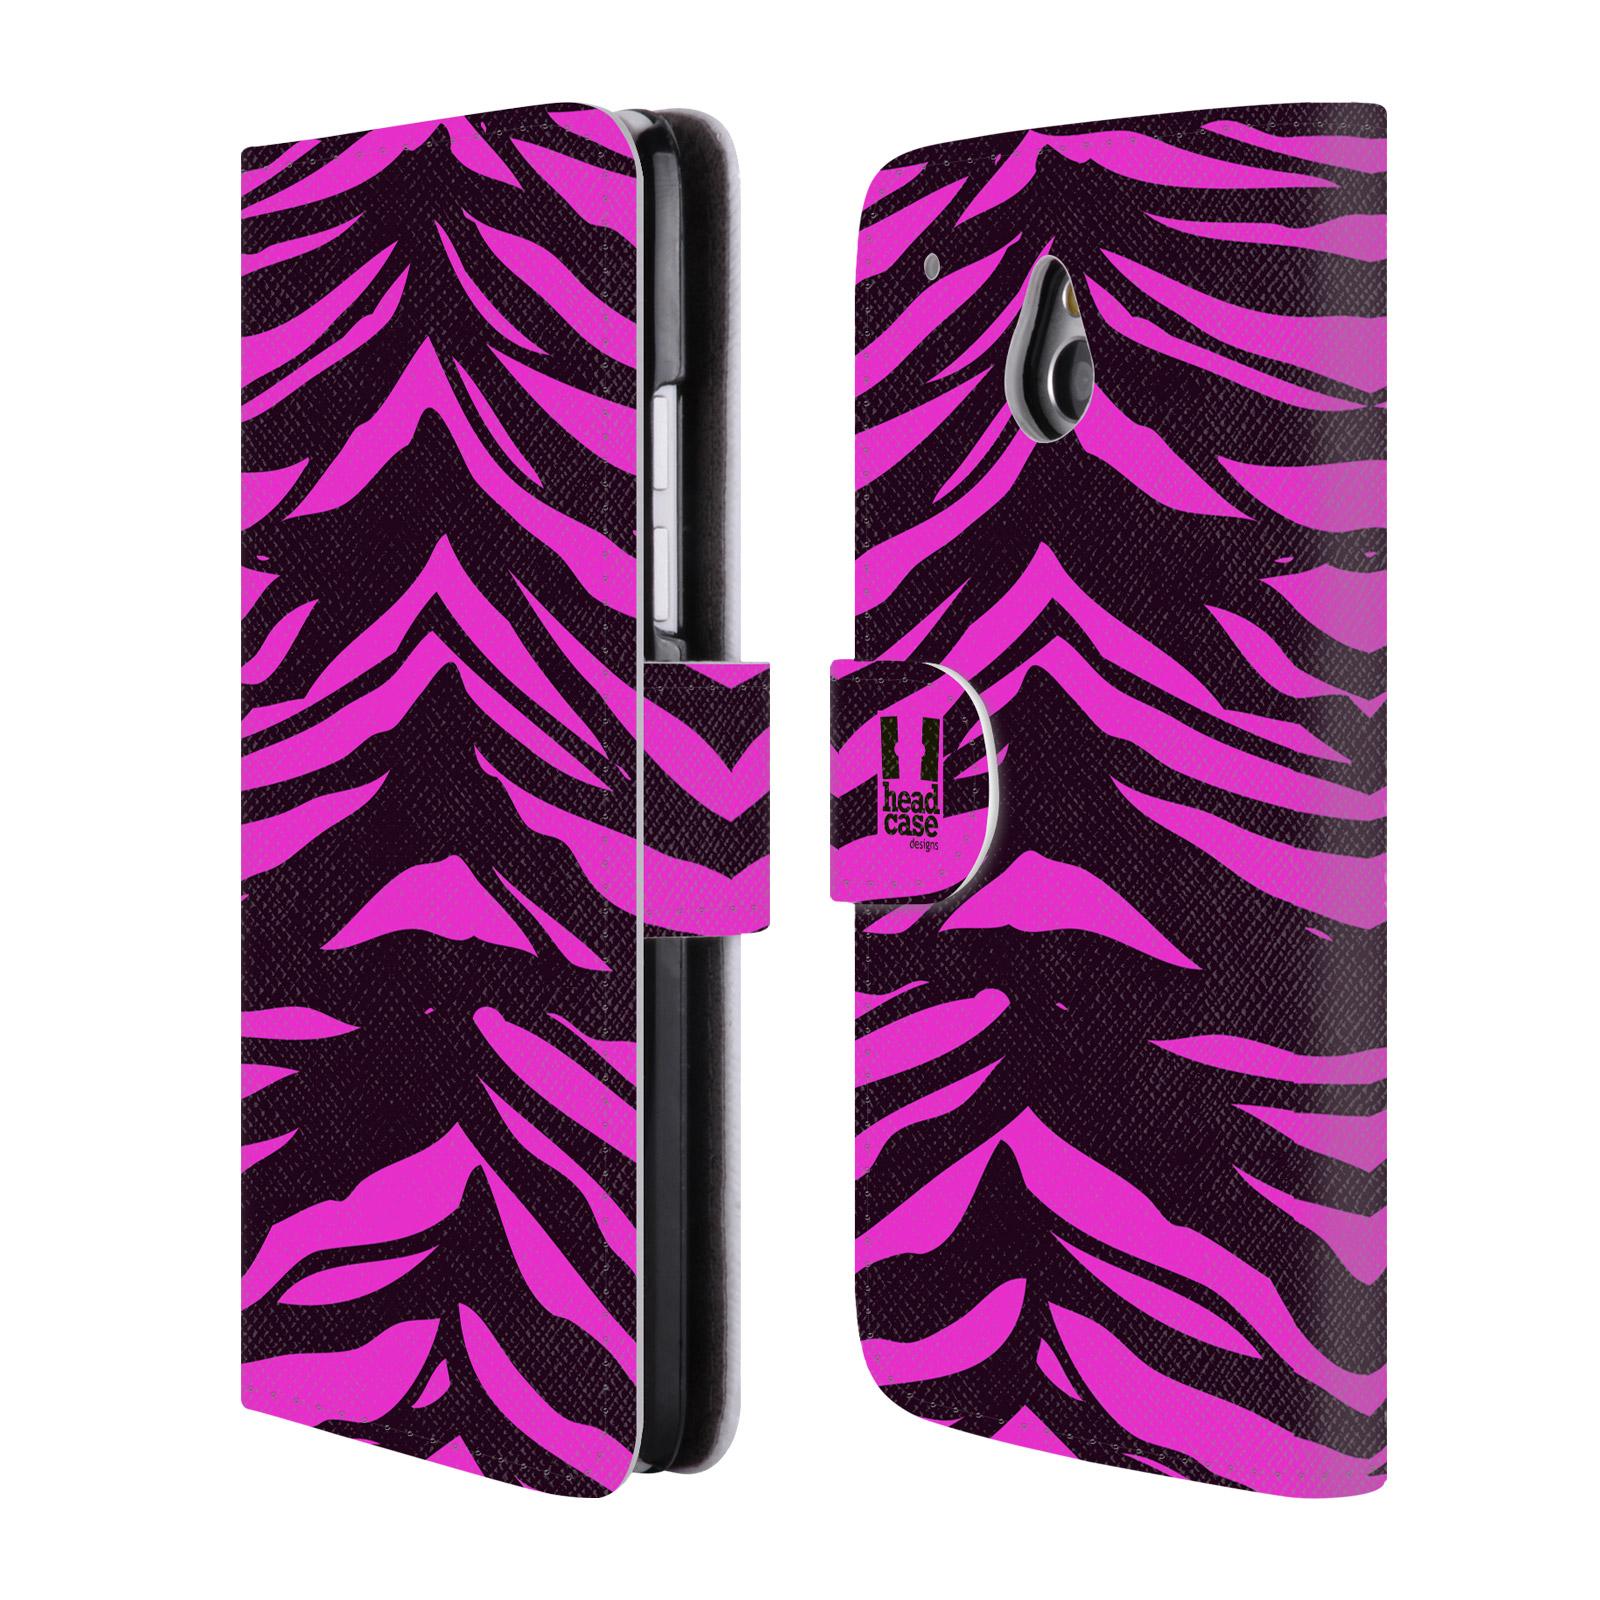 HEAD CASE Flipové pouzdro pro mobil HTC ONE MINI (M4) Zvířecí barevné vzory fialová tygr